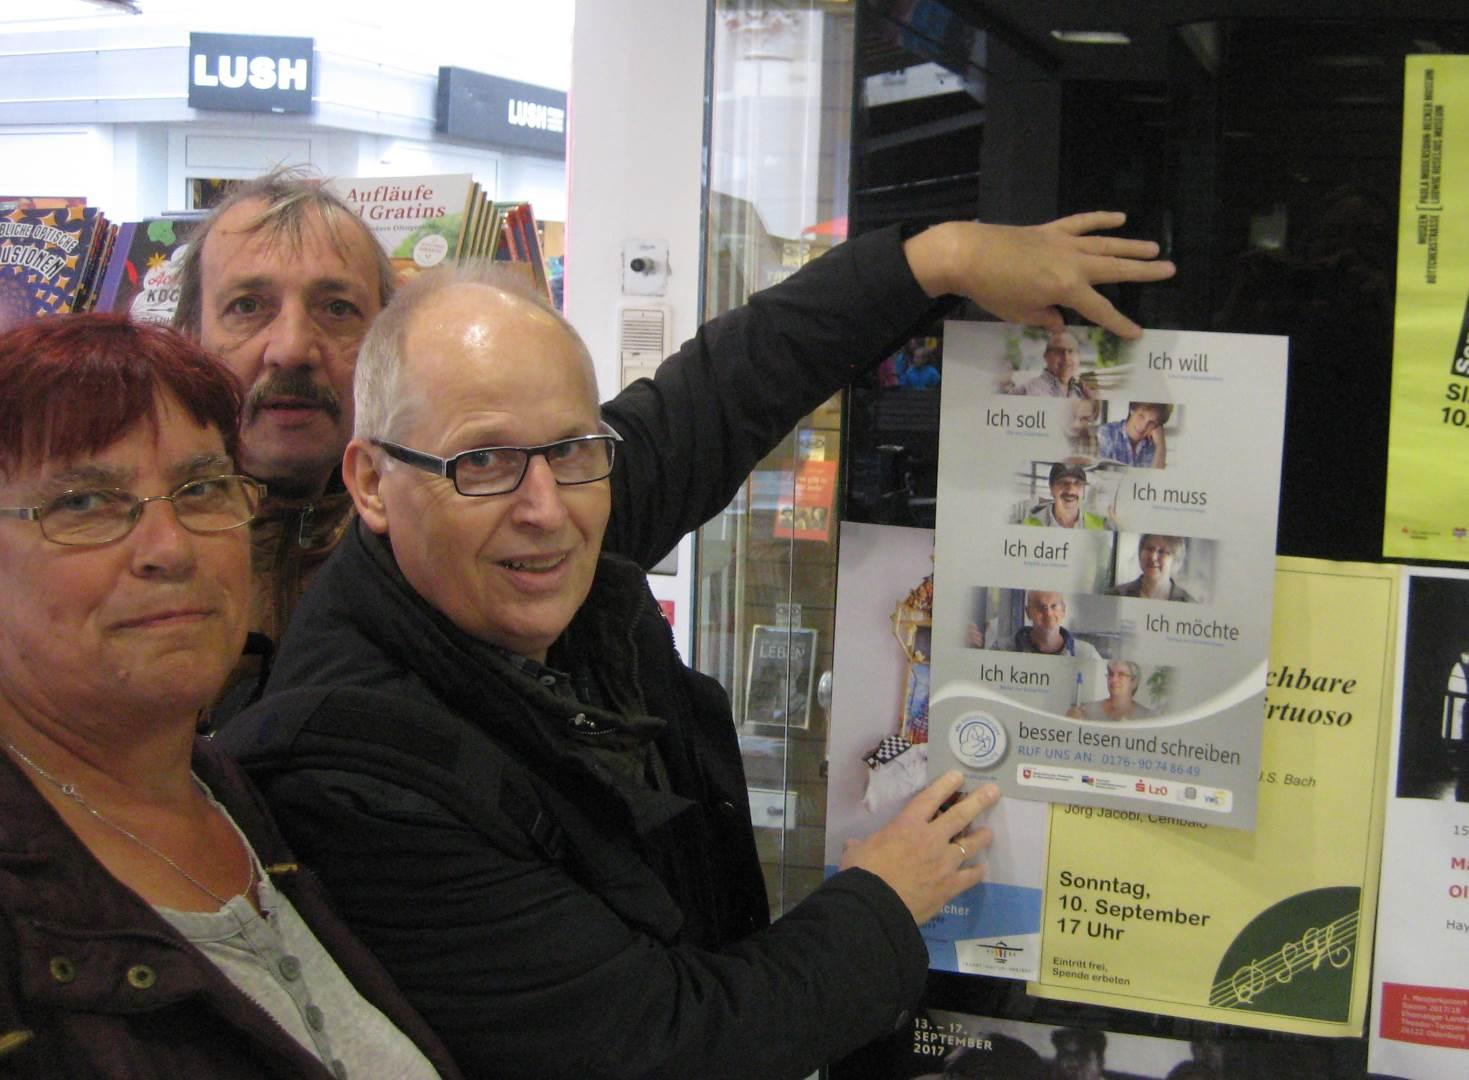 von li.: Bärbel Kitzing, Hermann Fickenfrers und Ernst Lorenzen hängen ein Plakat an einem Buchladen auf   Foto: Achim Scholz